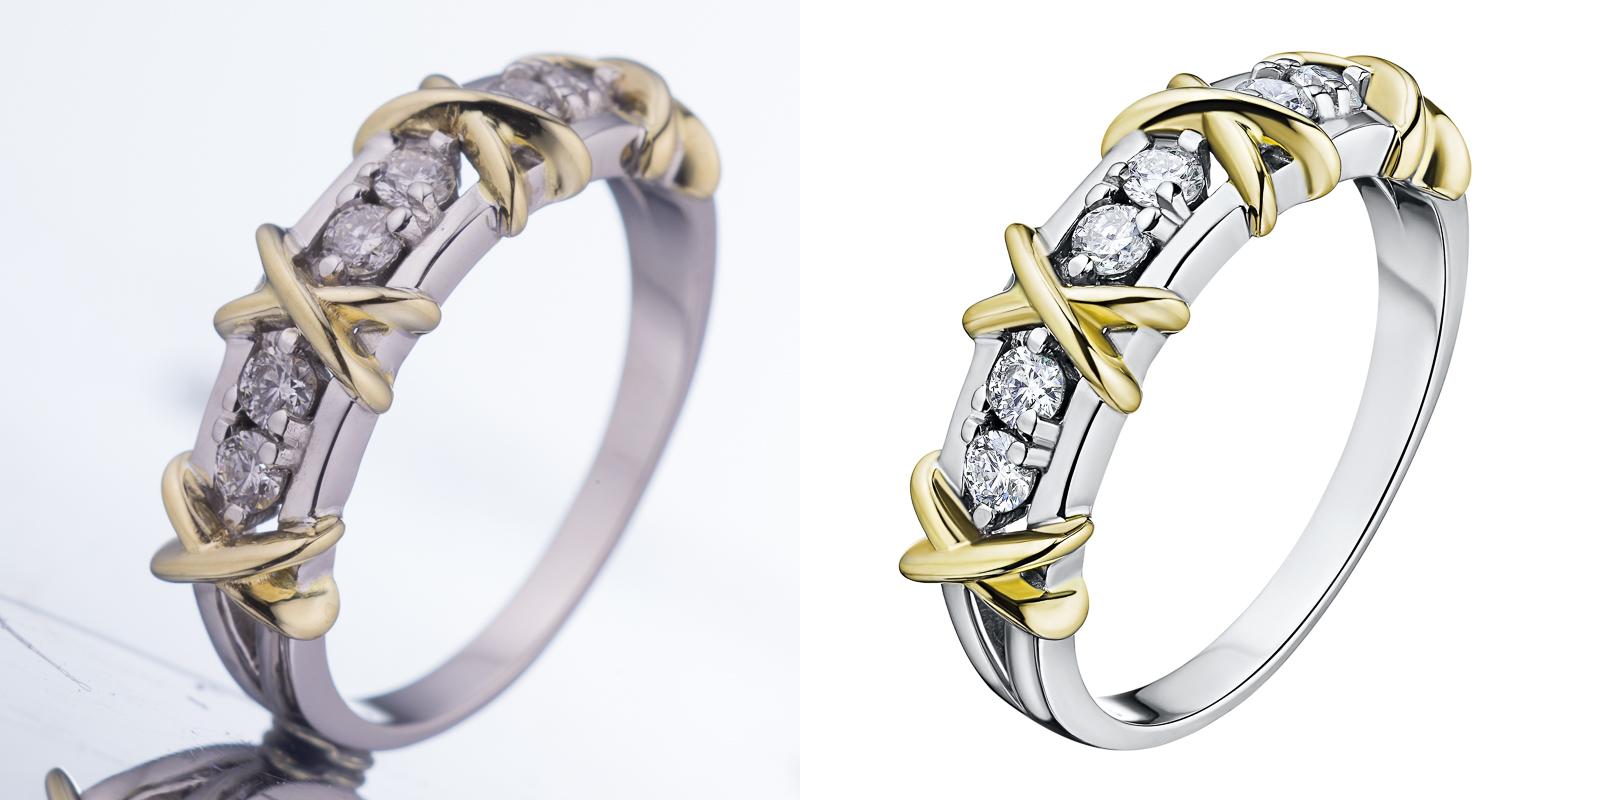 Обработка ювелирных украшений, кольца золото